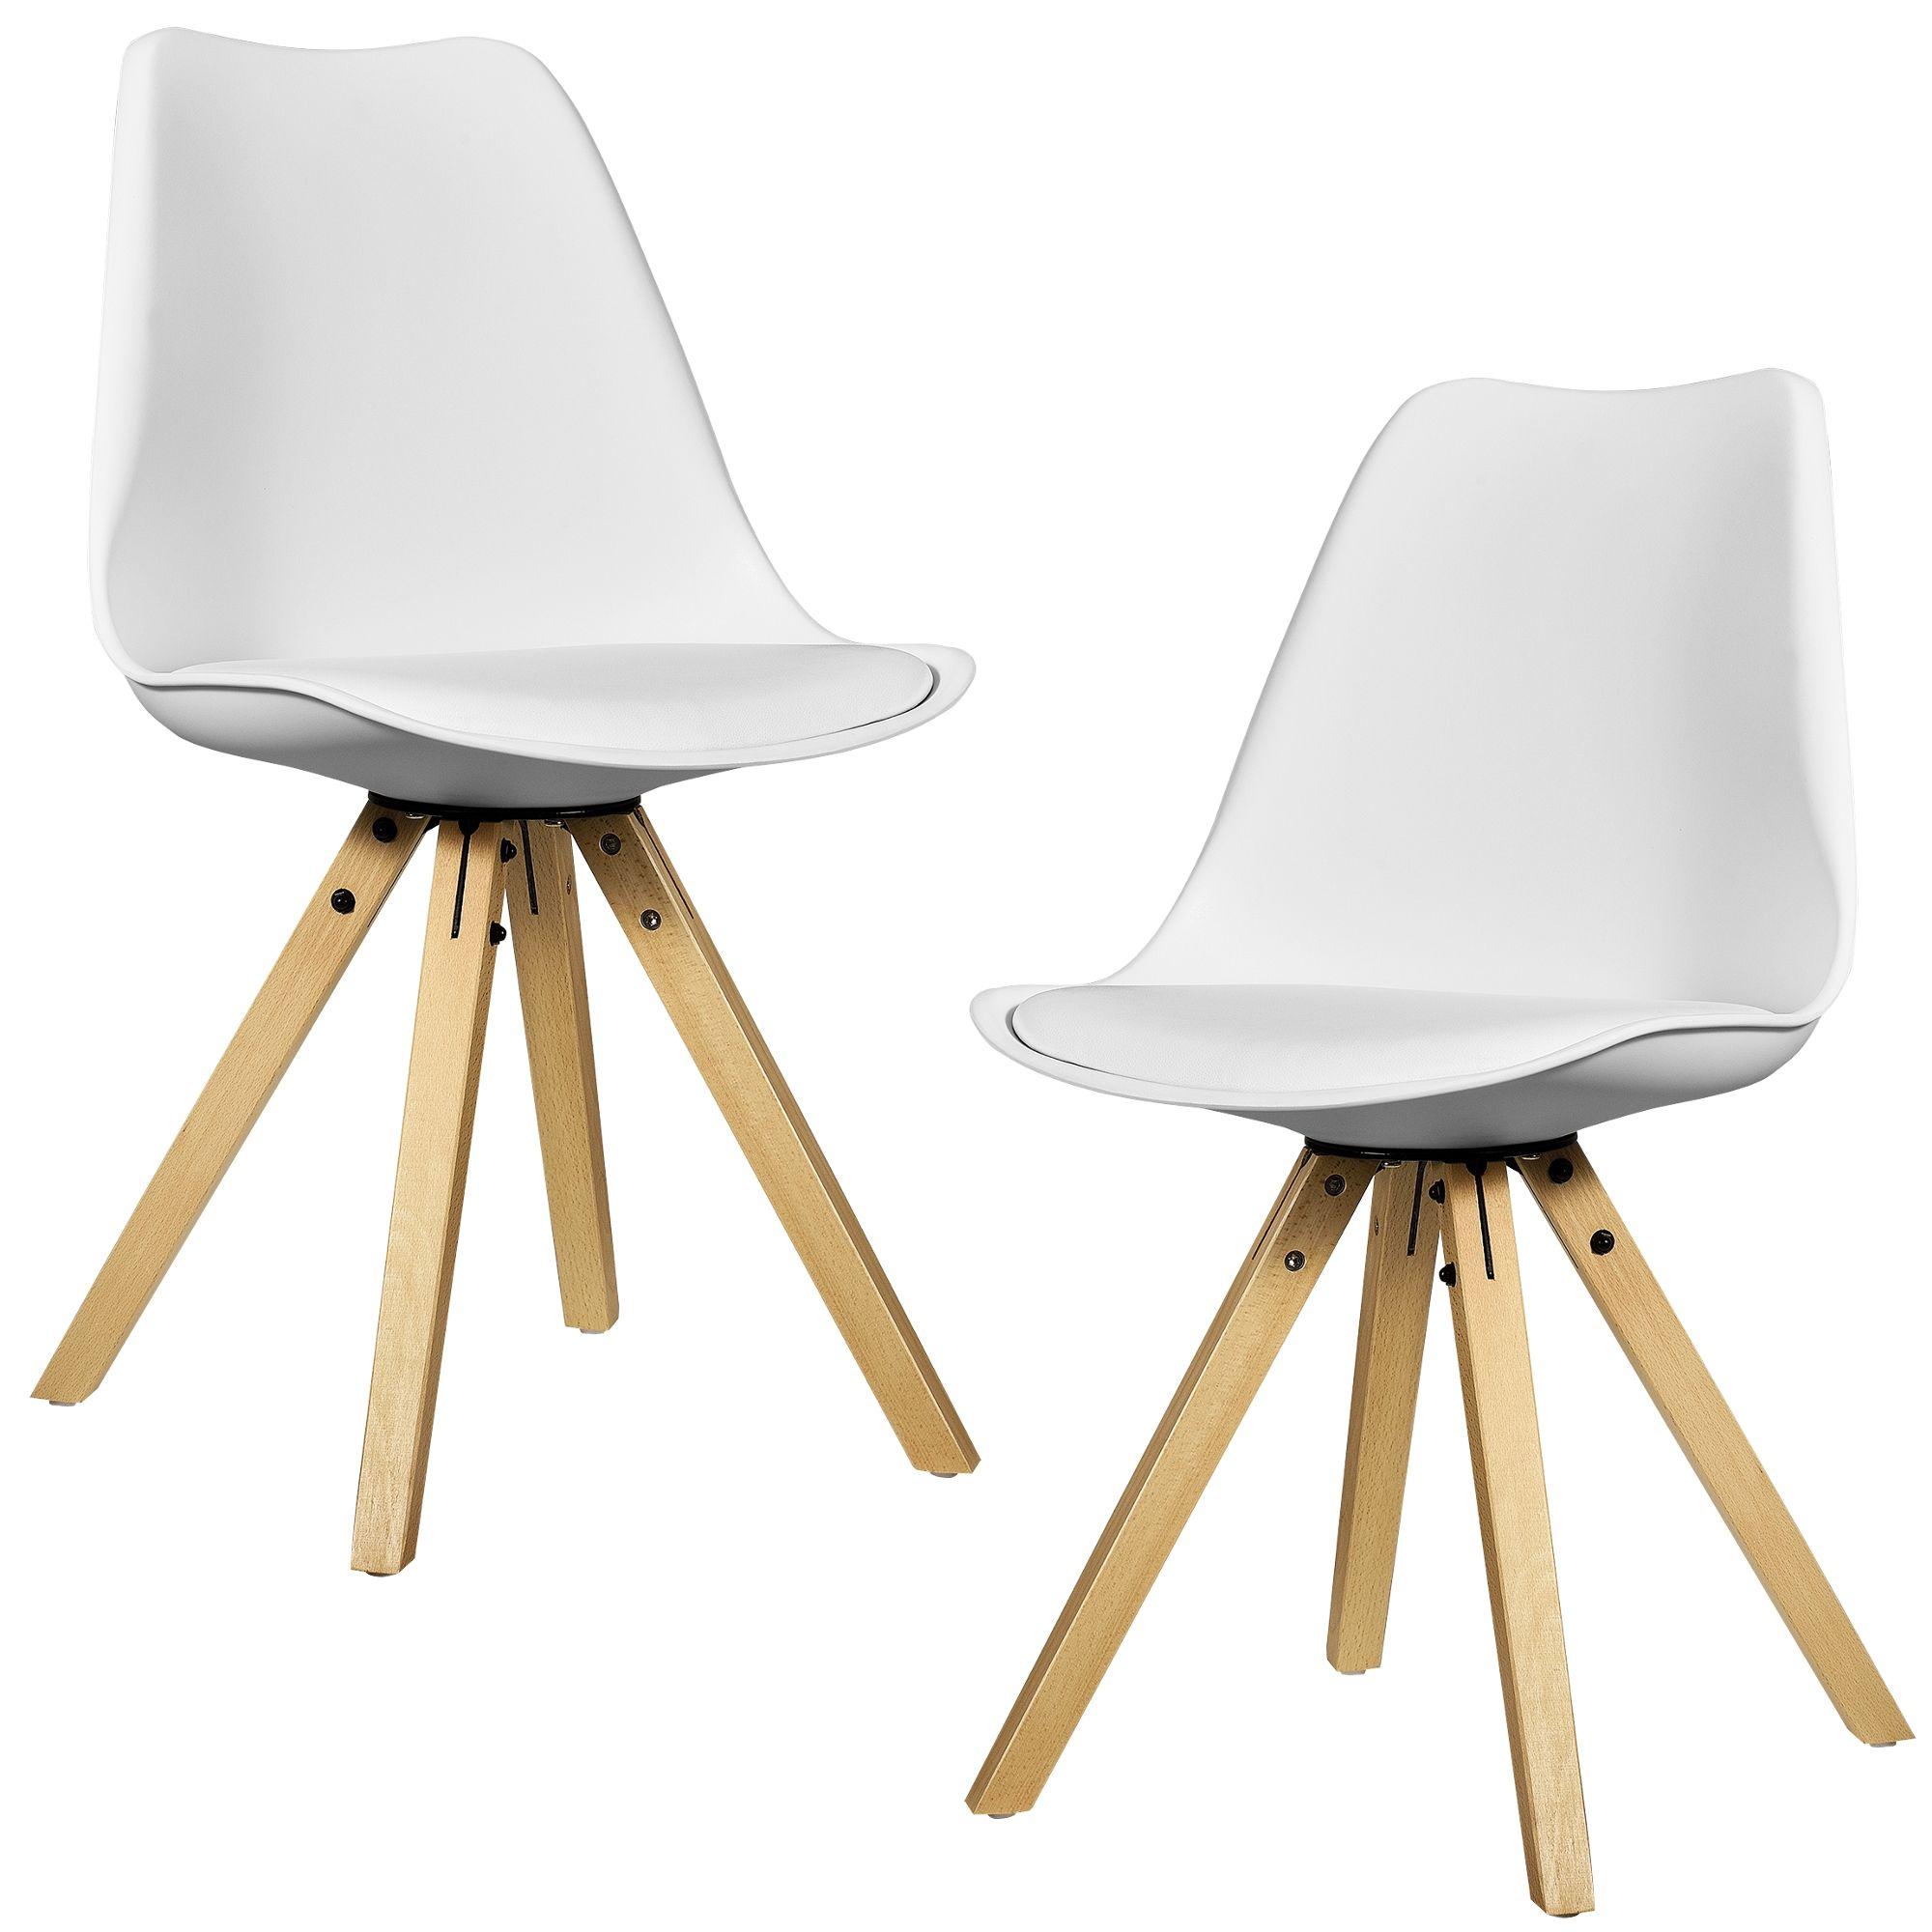 Design Stuehle en casa 2x design stuehle esszimmer stuhl holz kunststoff kunst